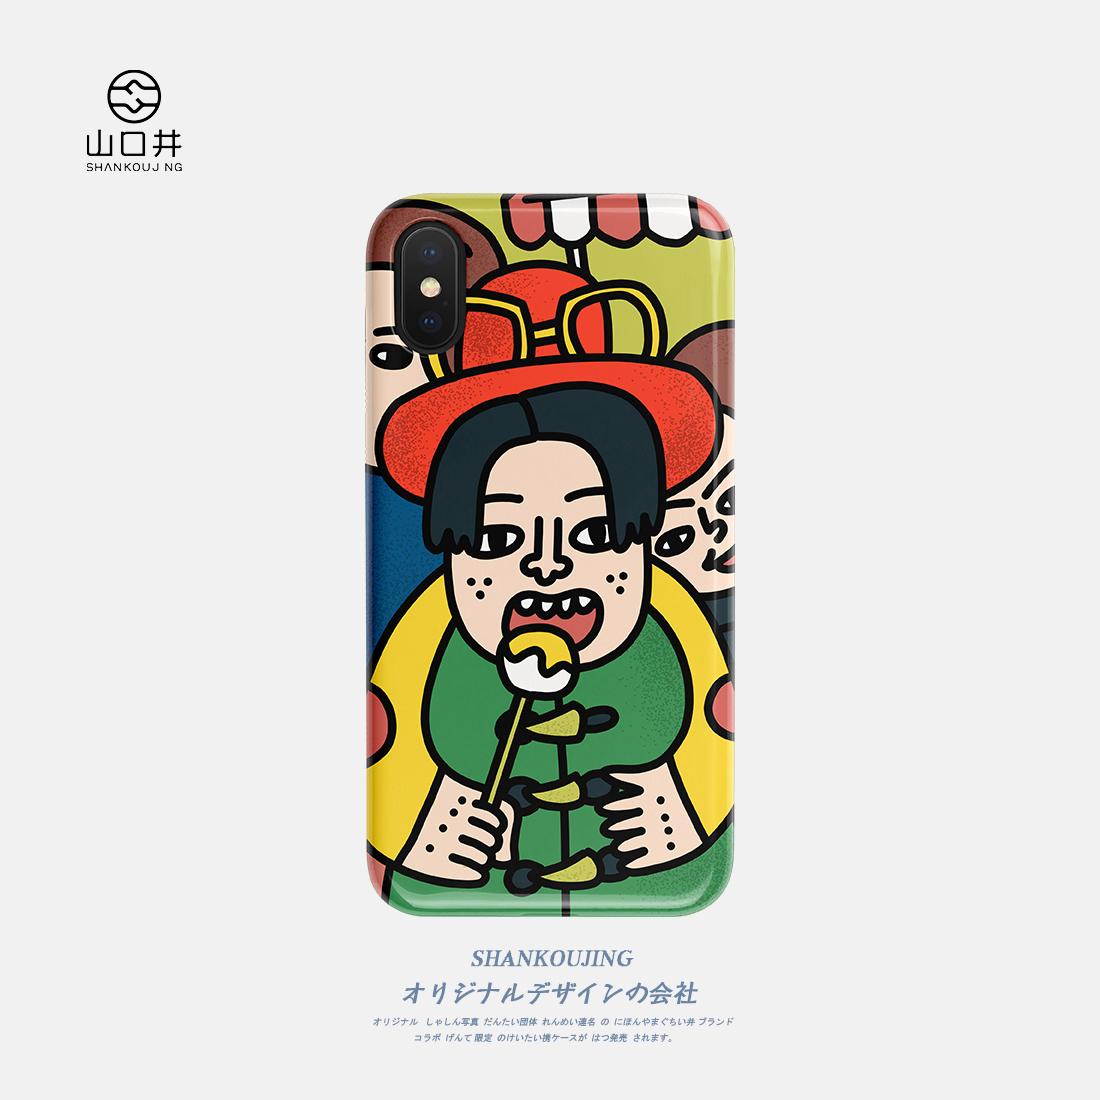 山口井 原创设计可爱吃货iphonex手机壳7plus/8苹果XS/XR/MAX硅胶